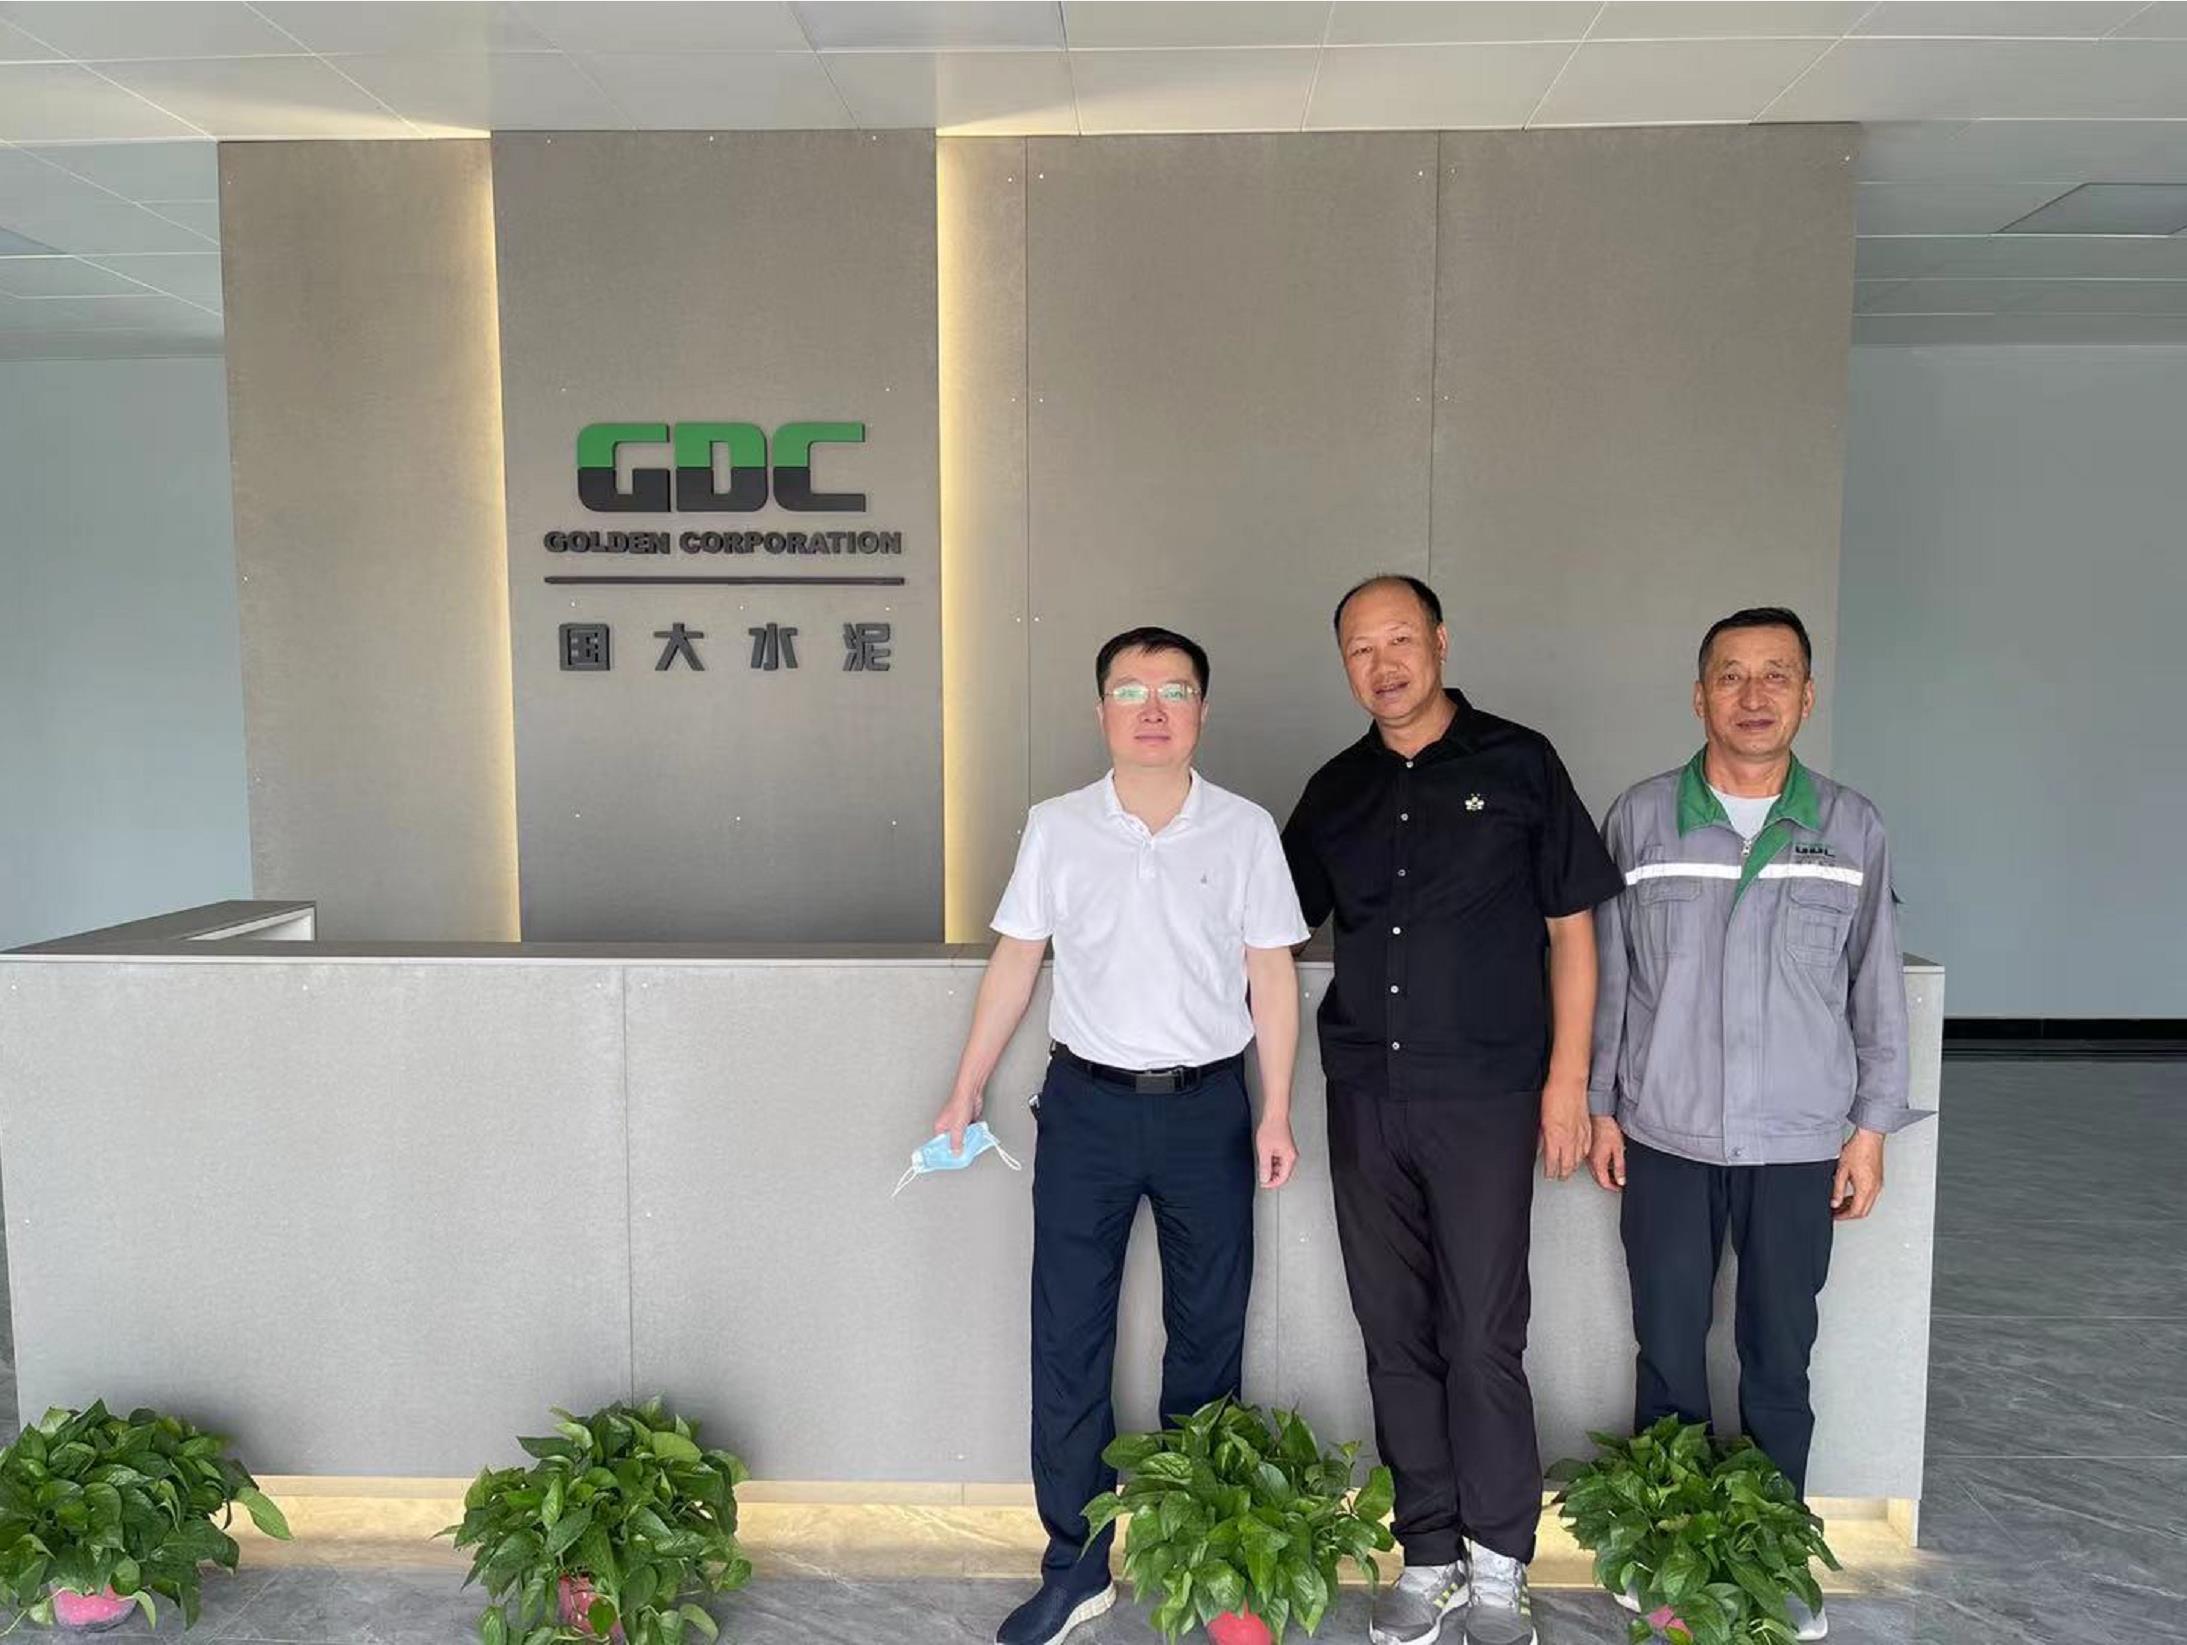 宁夏国大水泥2021年中工作会议